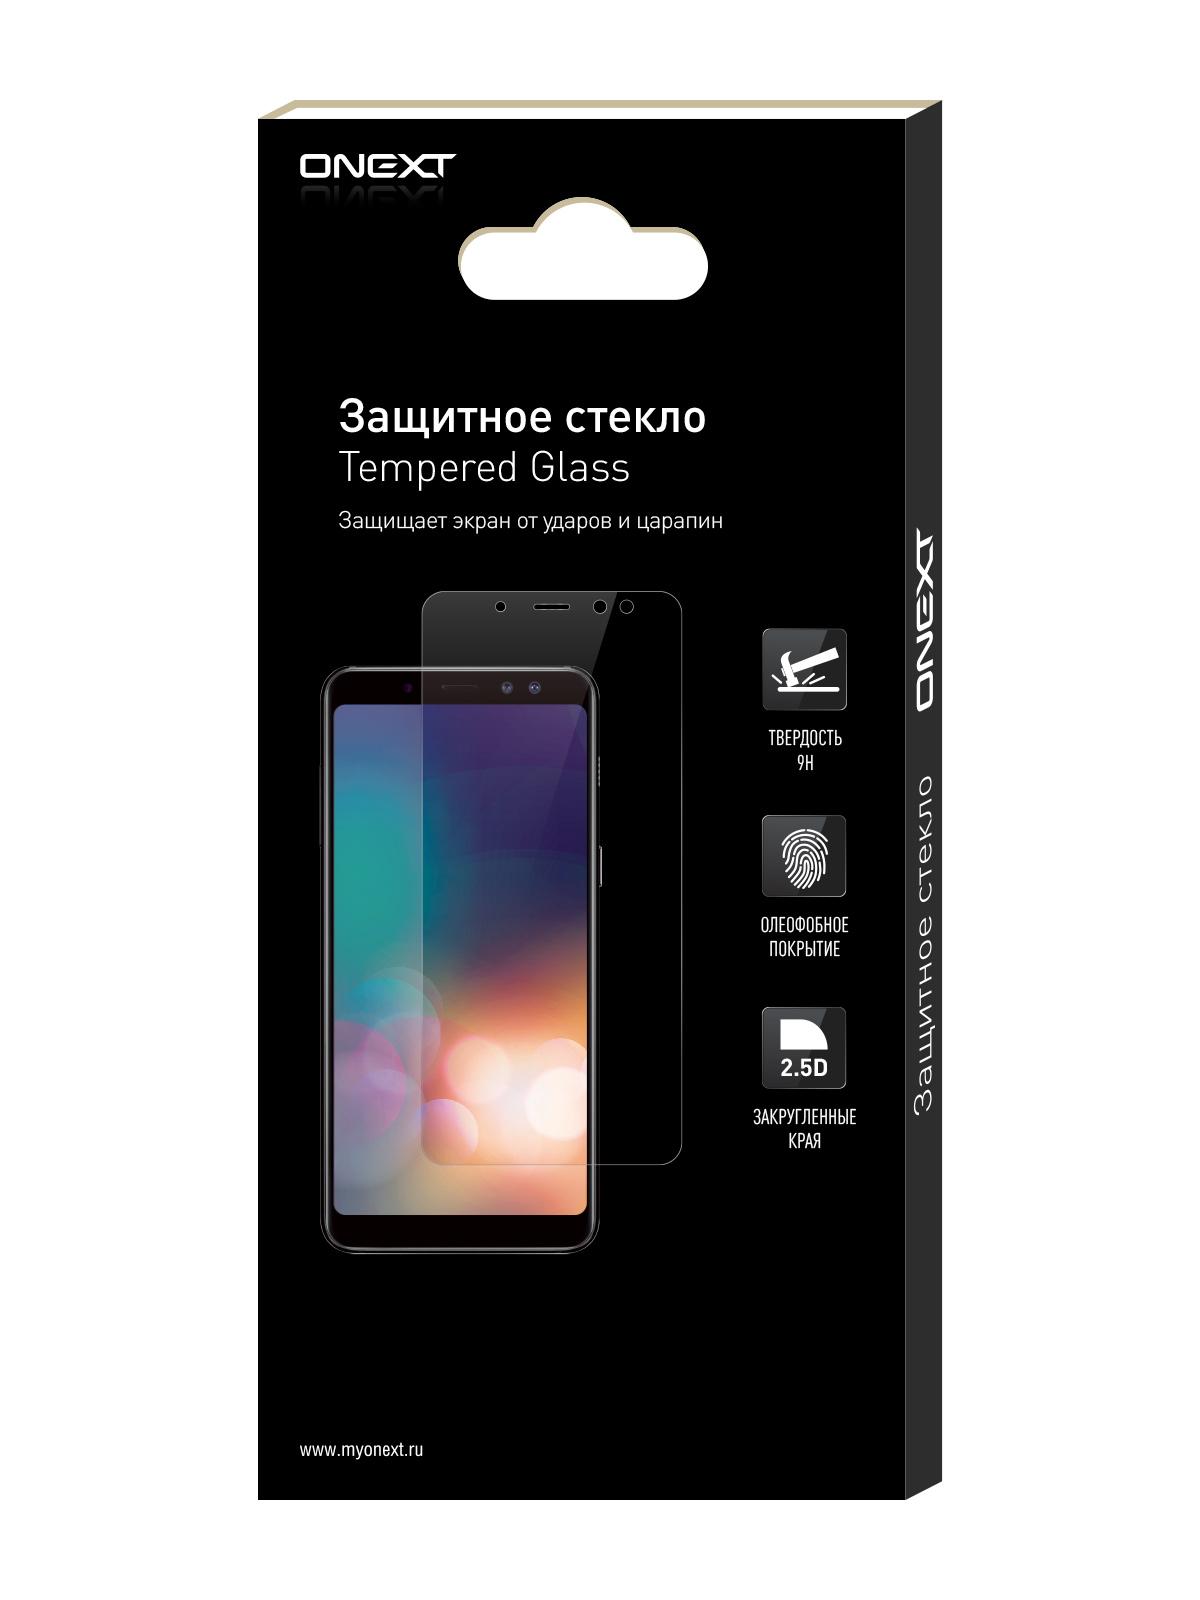 Защитное стекло ONEXT LG K10 цена и фото